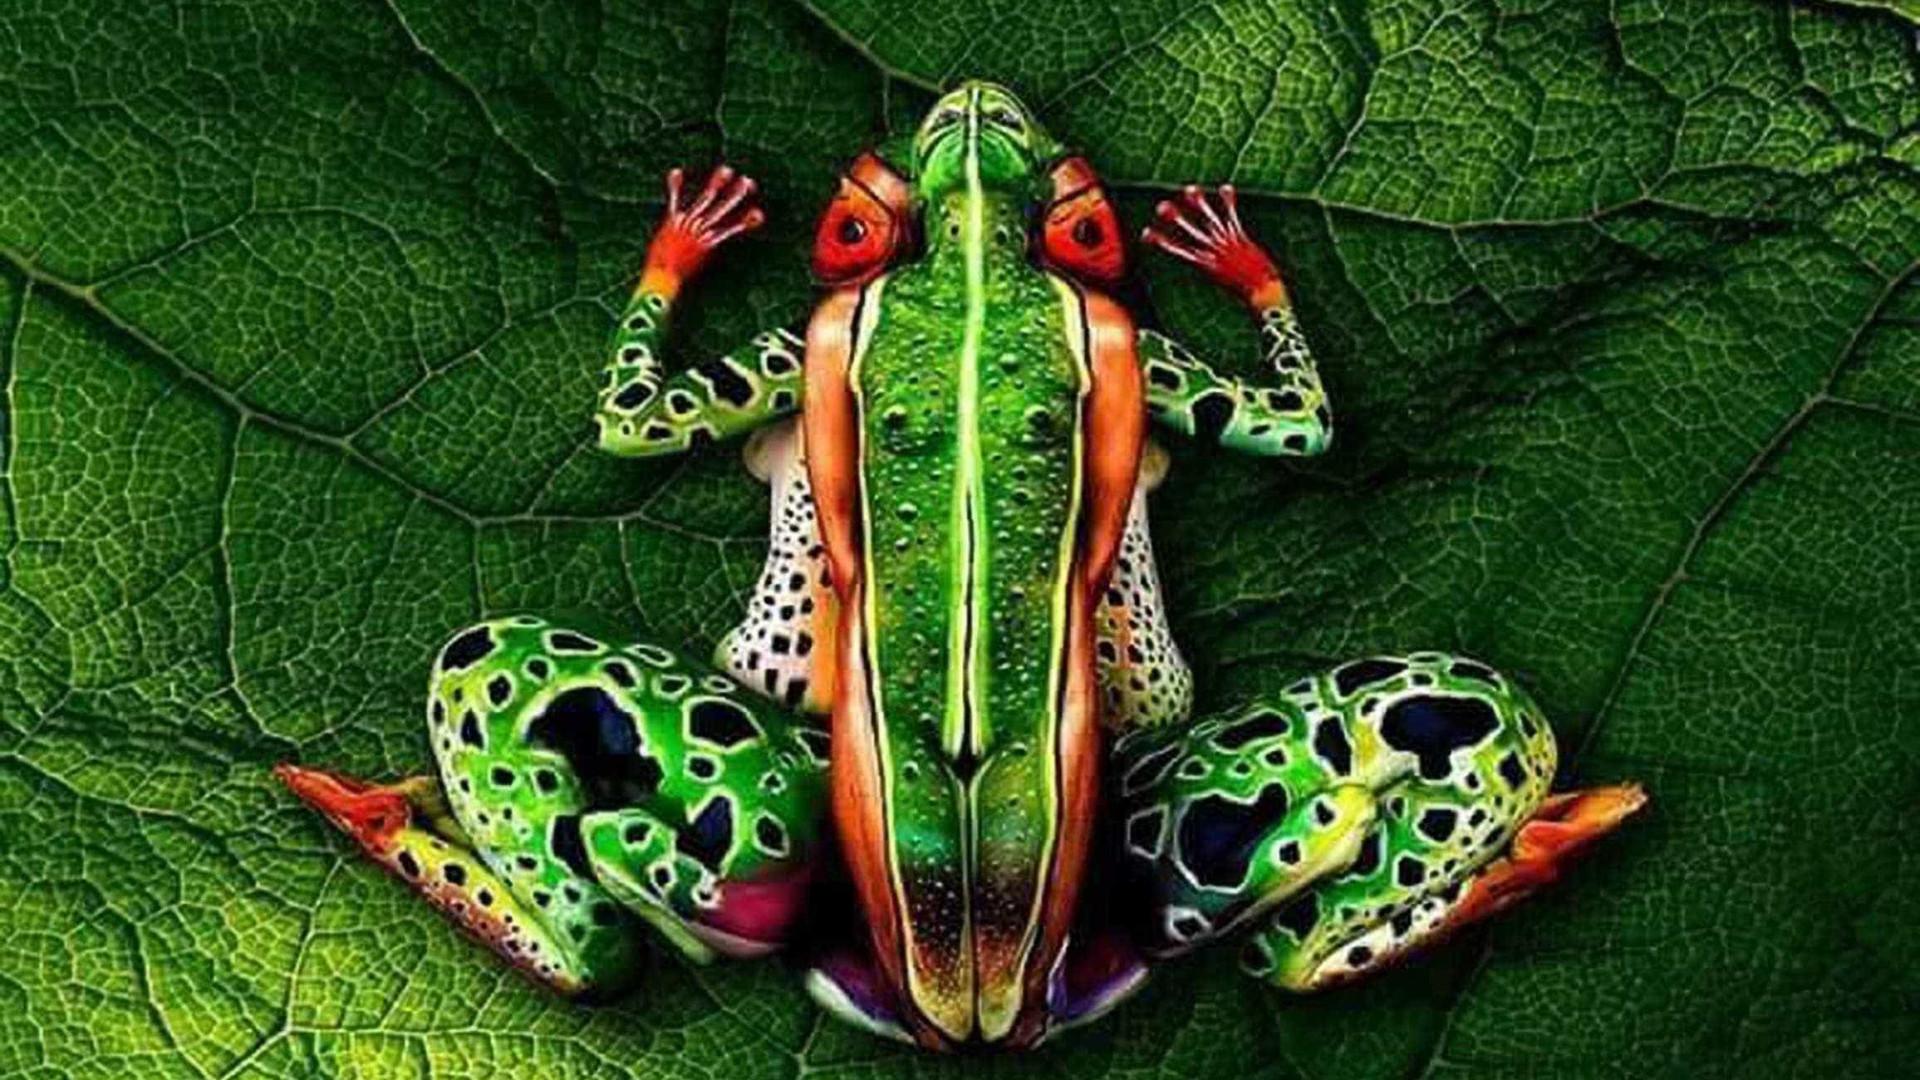 Arte no corpo: pinturas ilusionistas inacreditáveis